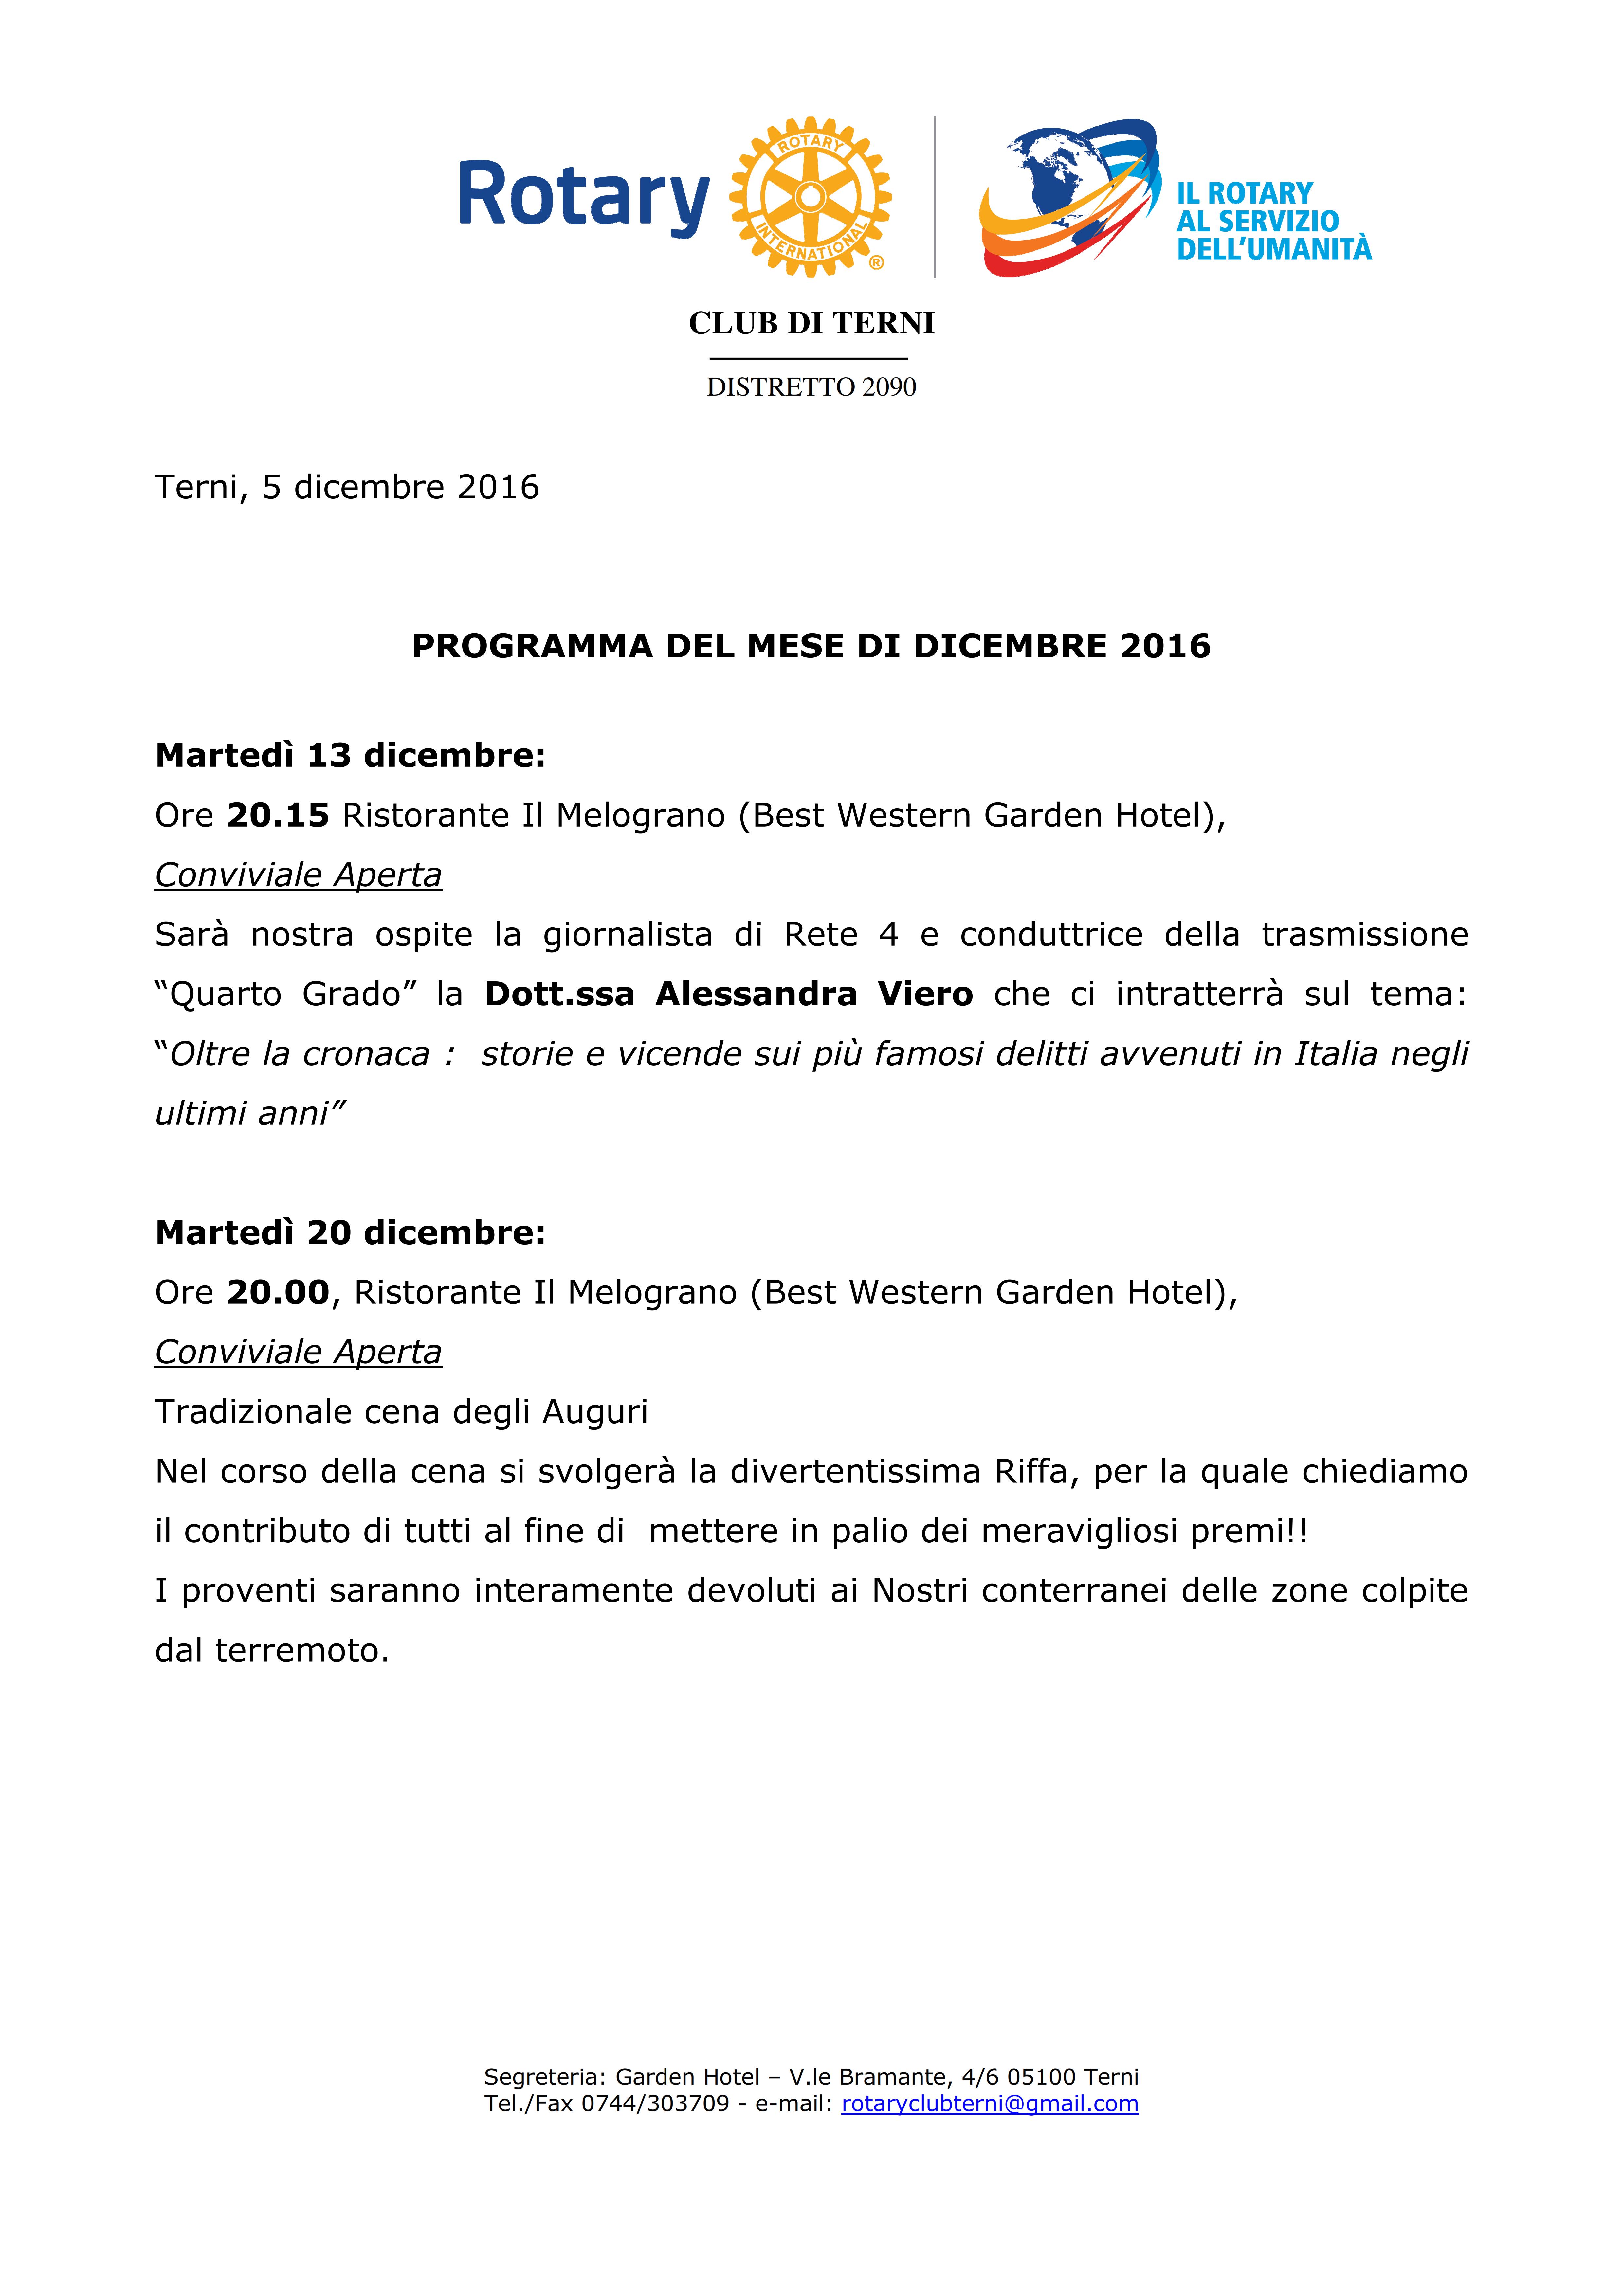 rotary-club-terni-programma-dicembre-2016_001